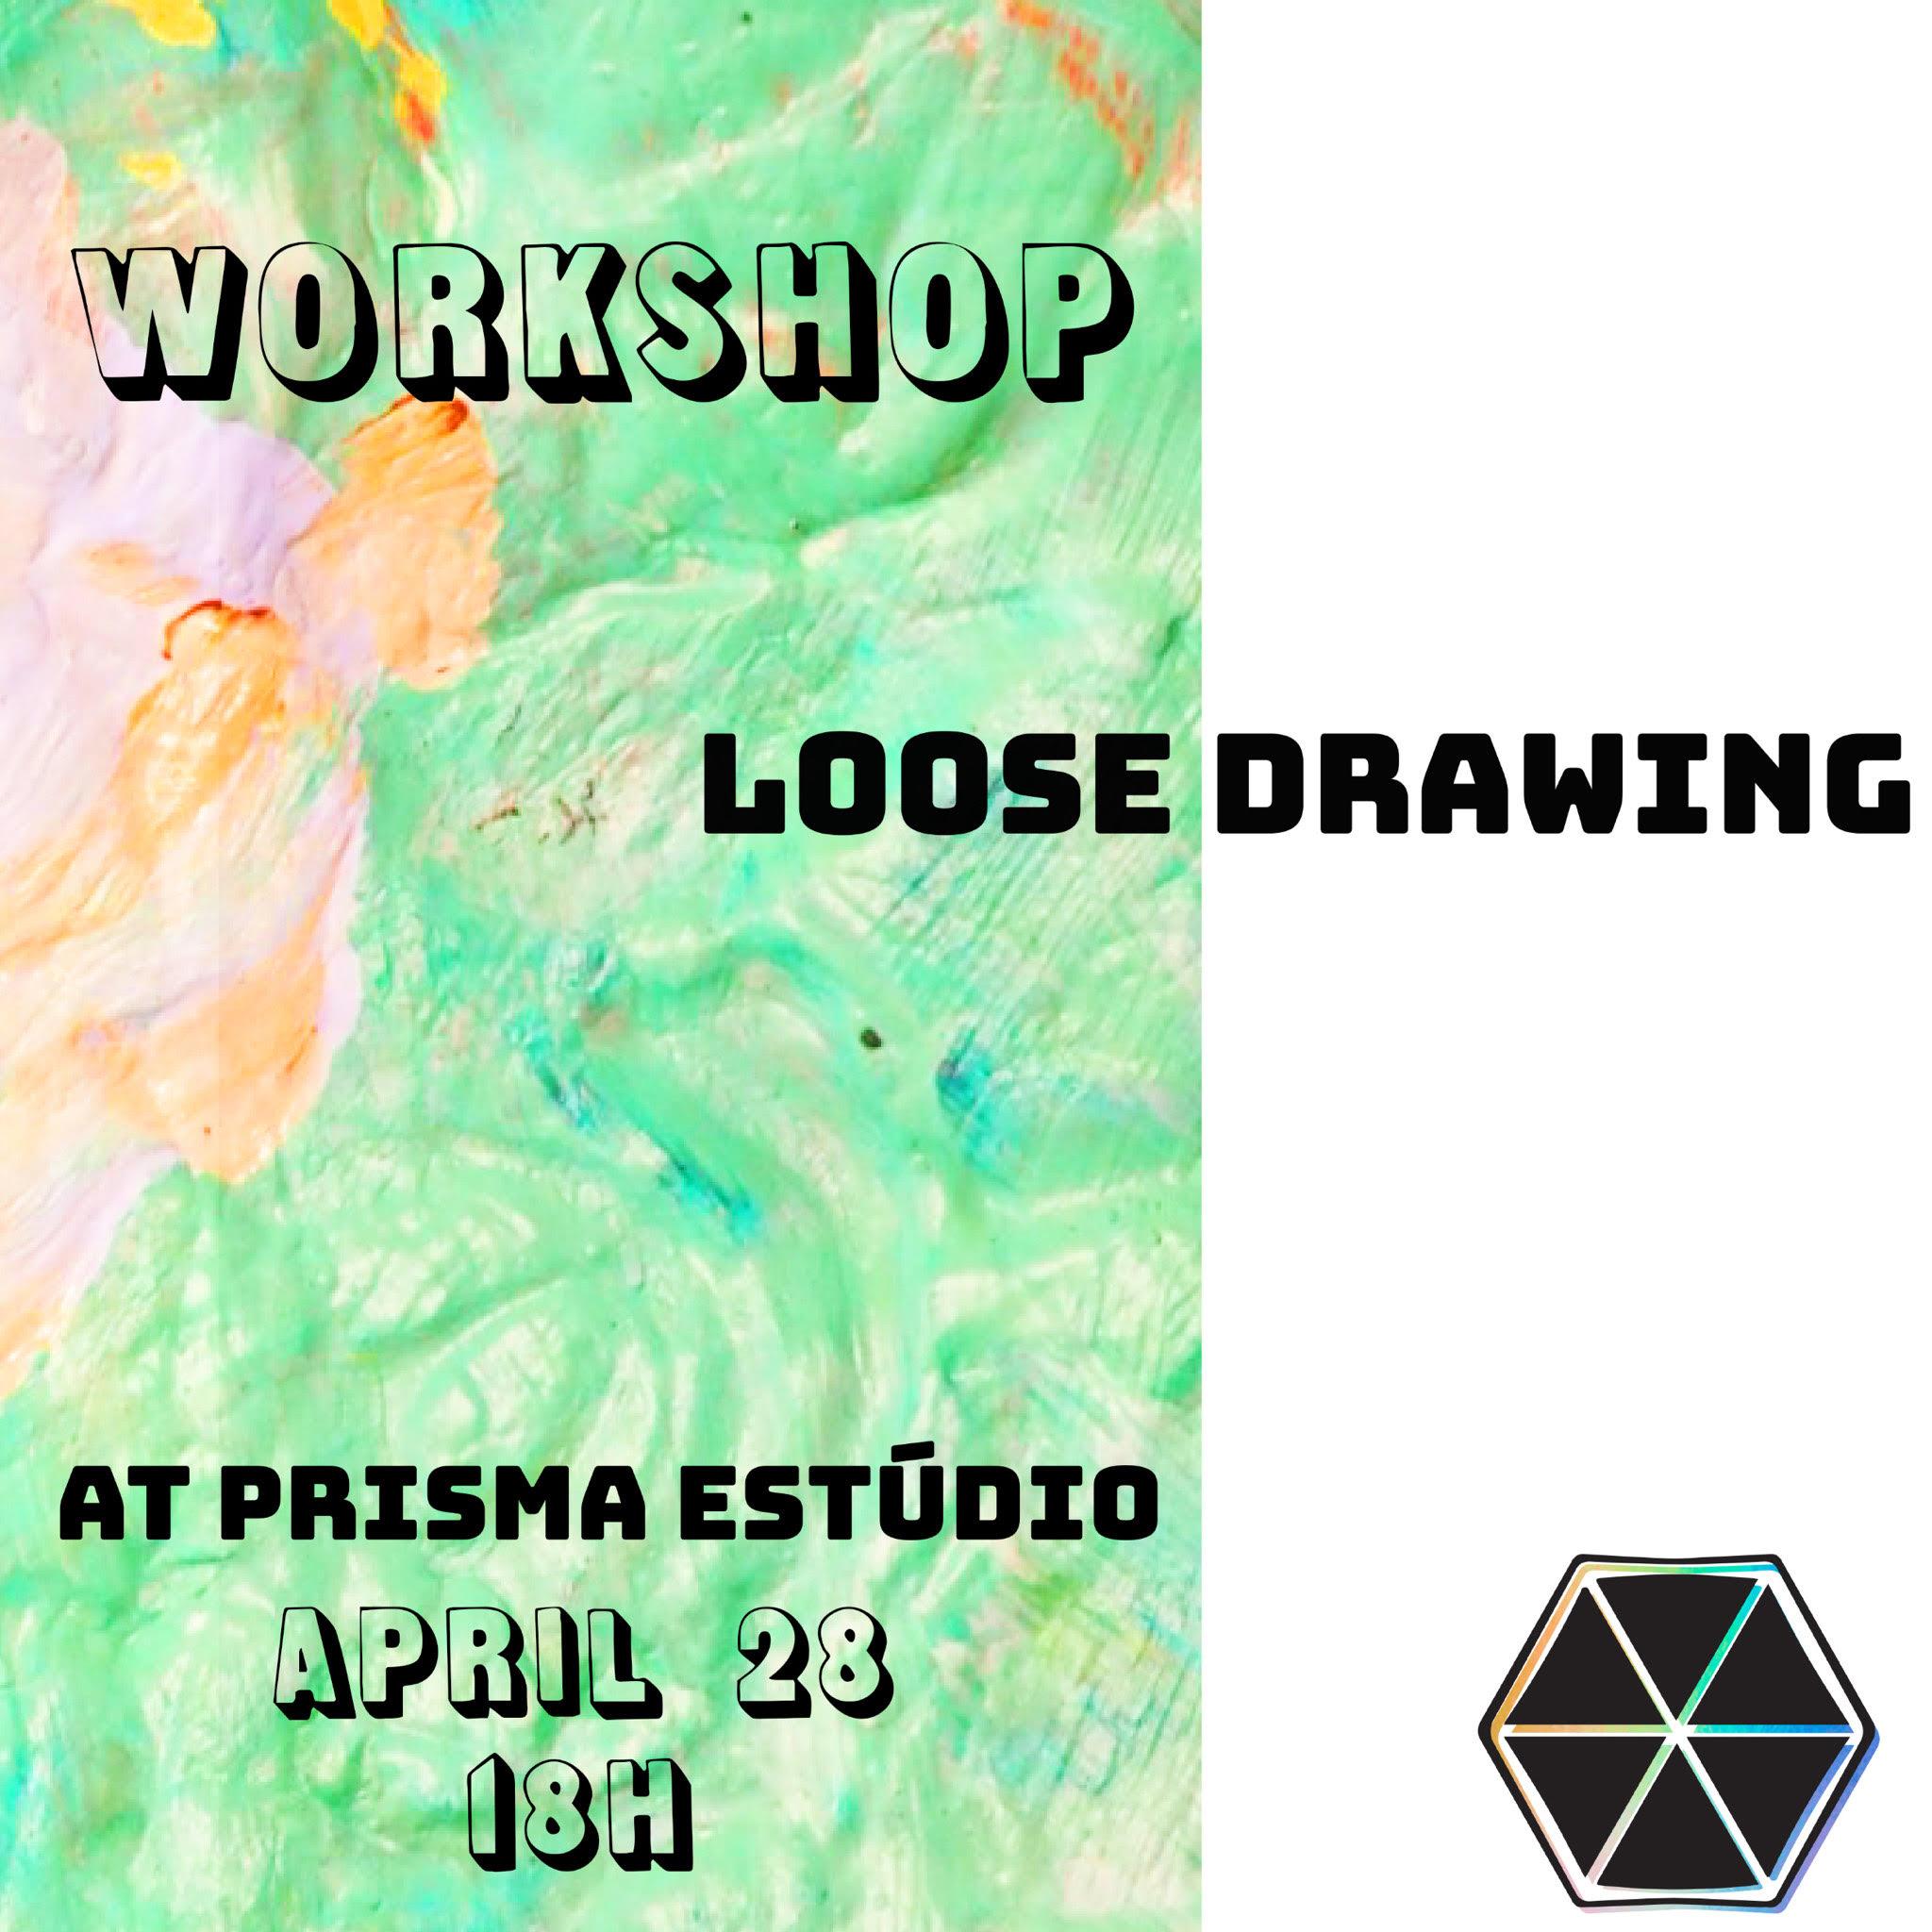 Workshop desenho livre by Poison Garden